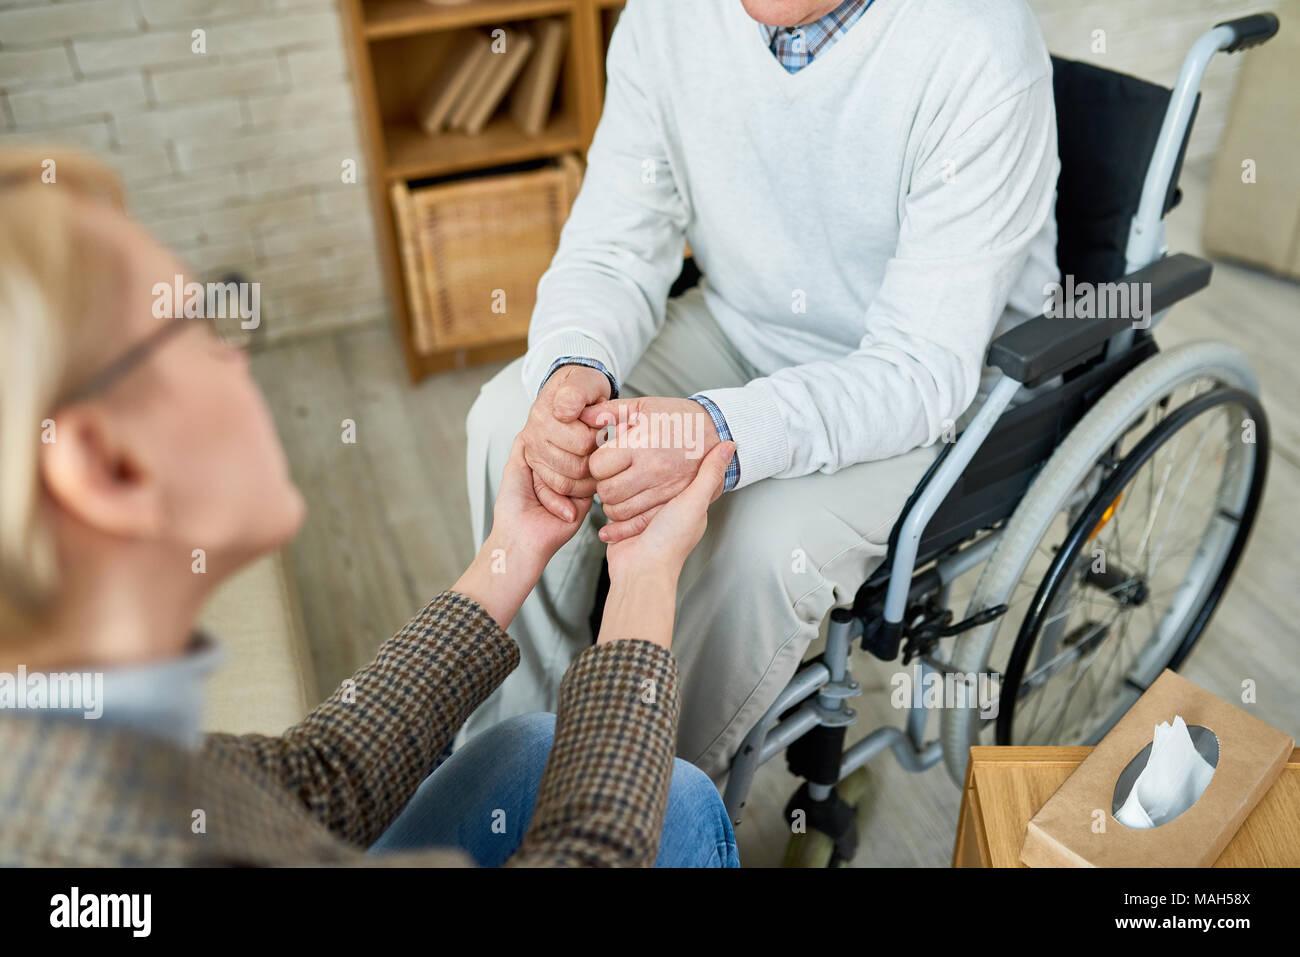 Empatia in terapia Immagini Stock